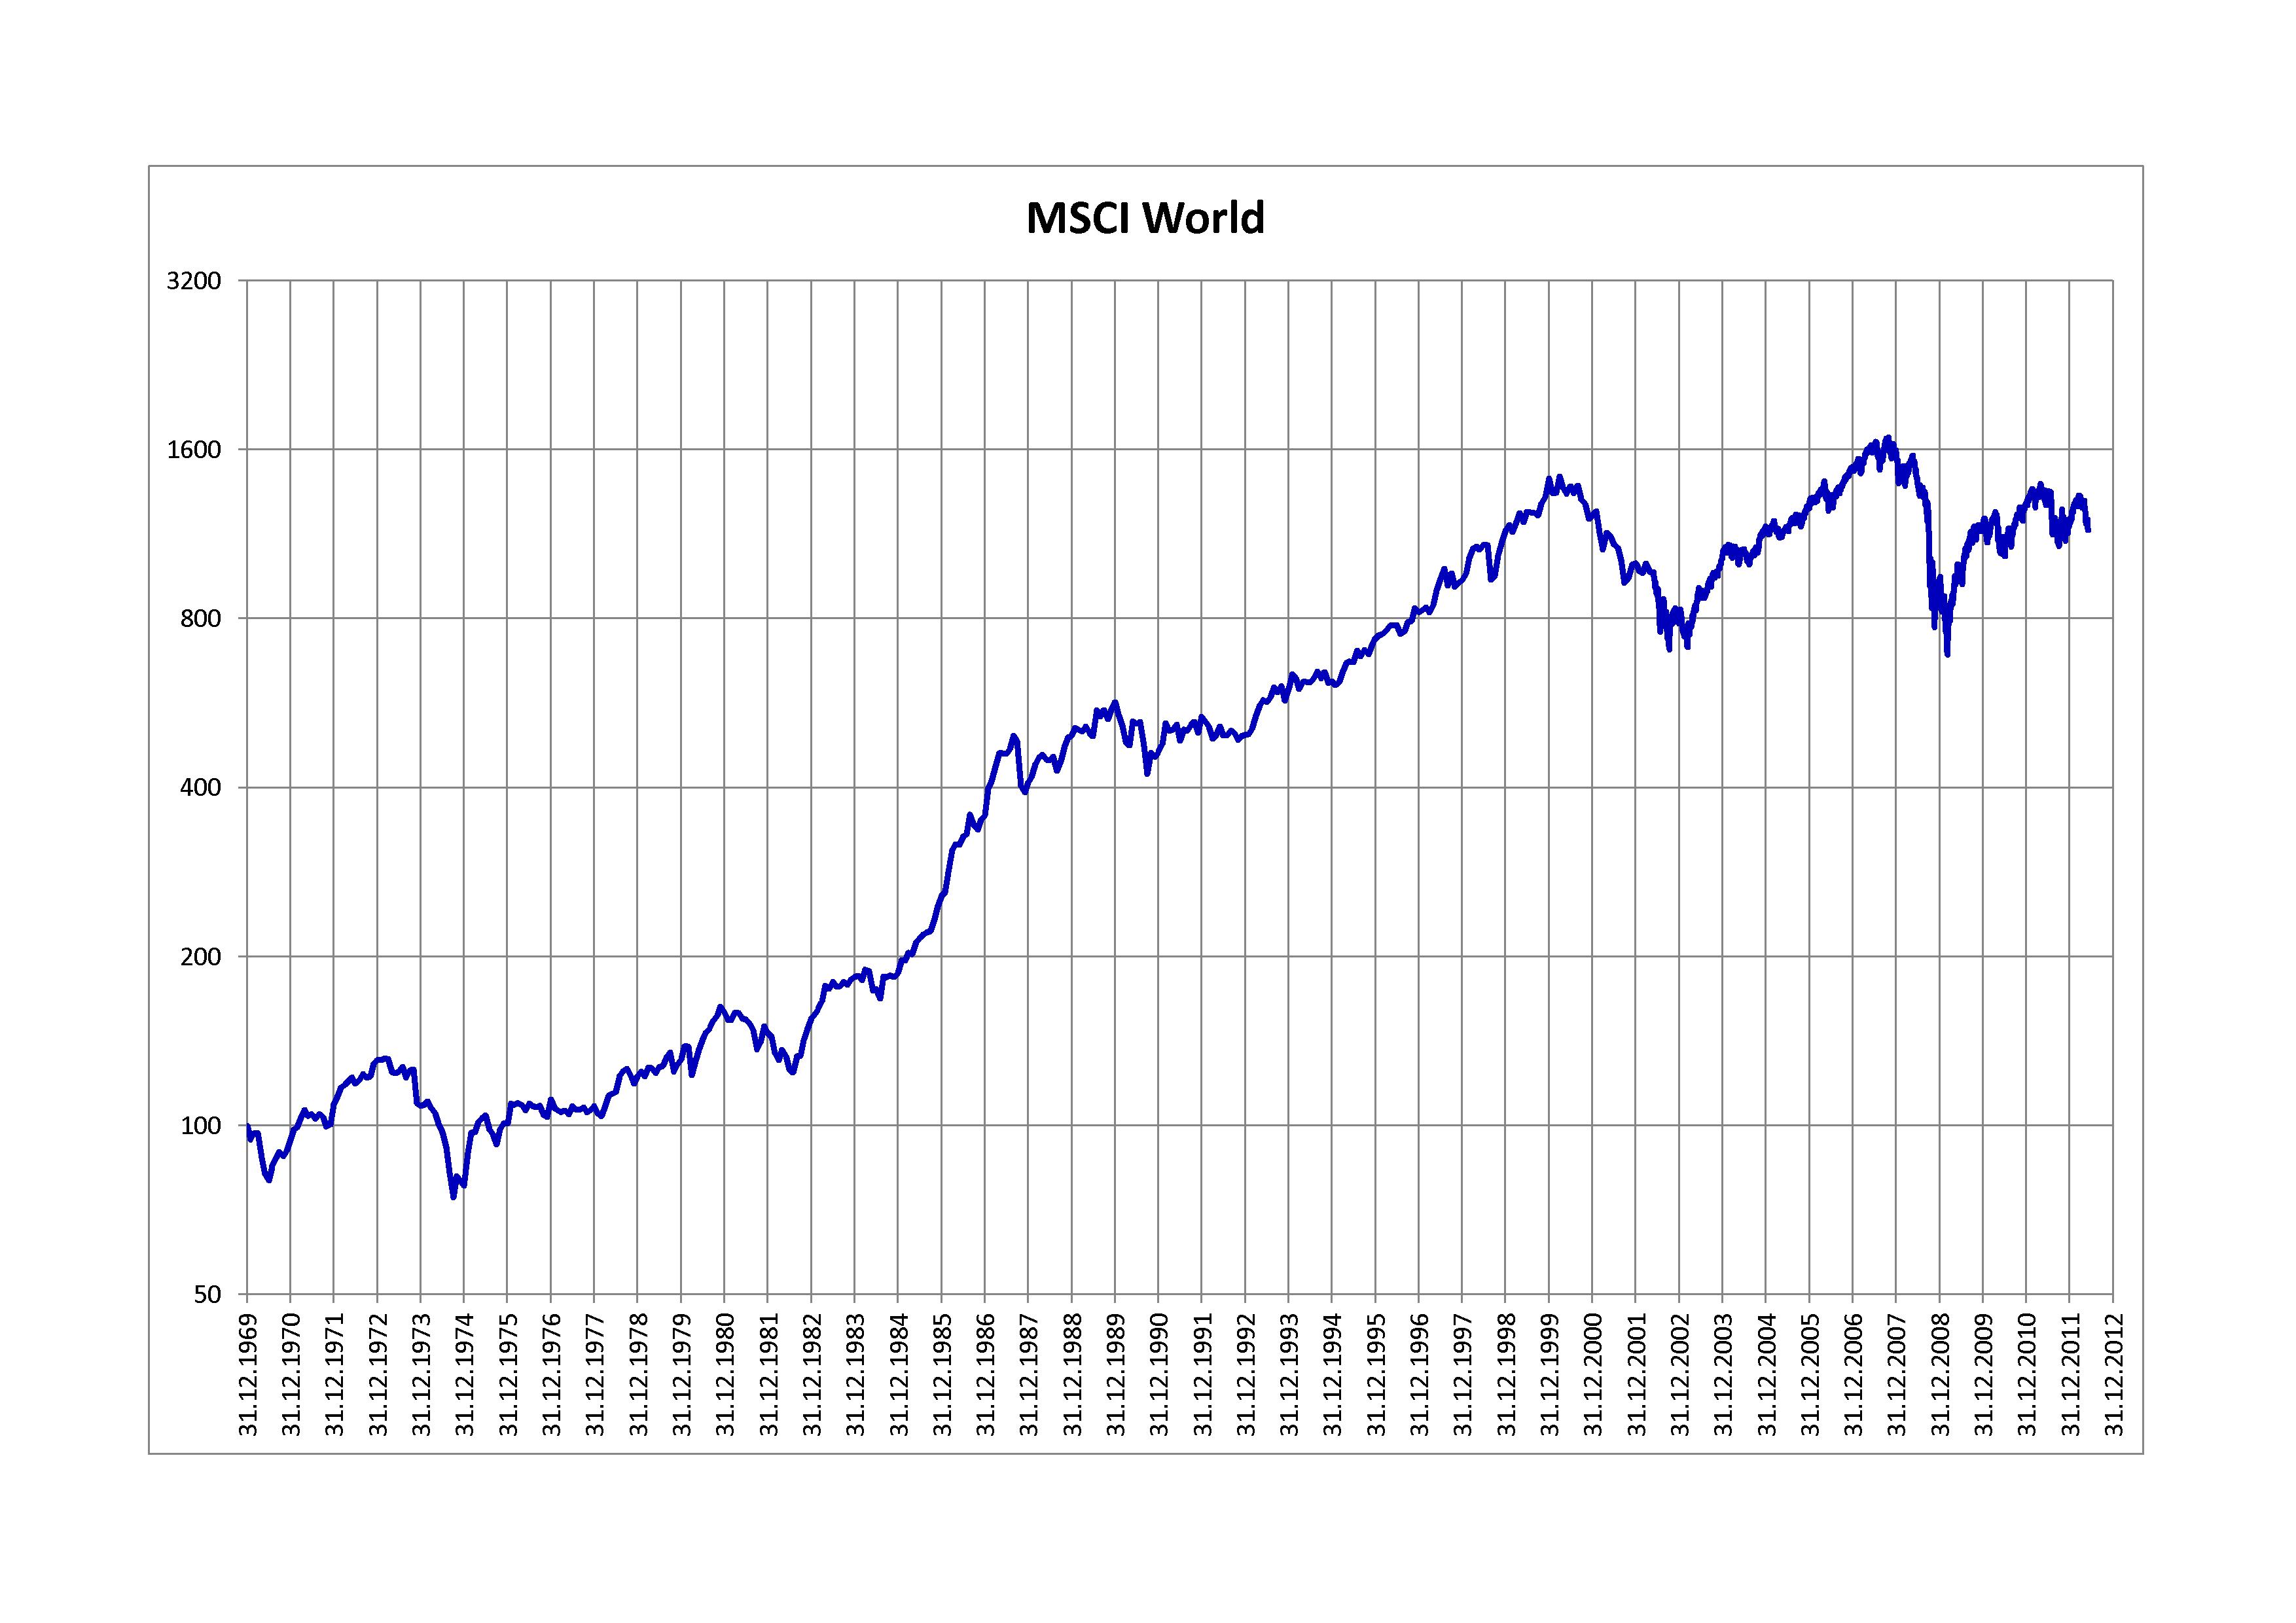 Der MSCI World steht für Morgan Stanley Capital International World Index. Dieser MSCI World ist ein Aktienindex, der die Entwicklung.